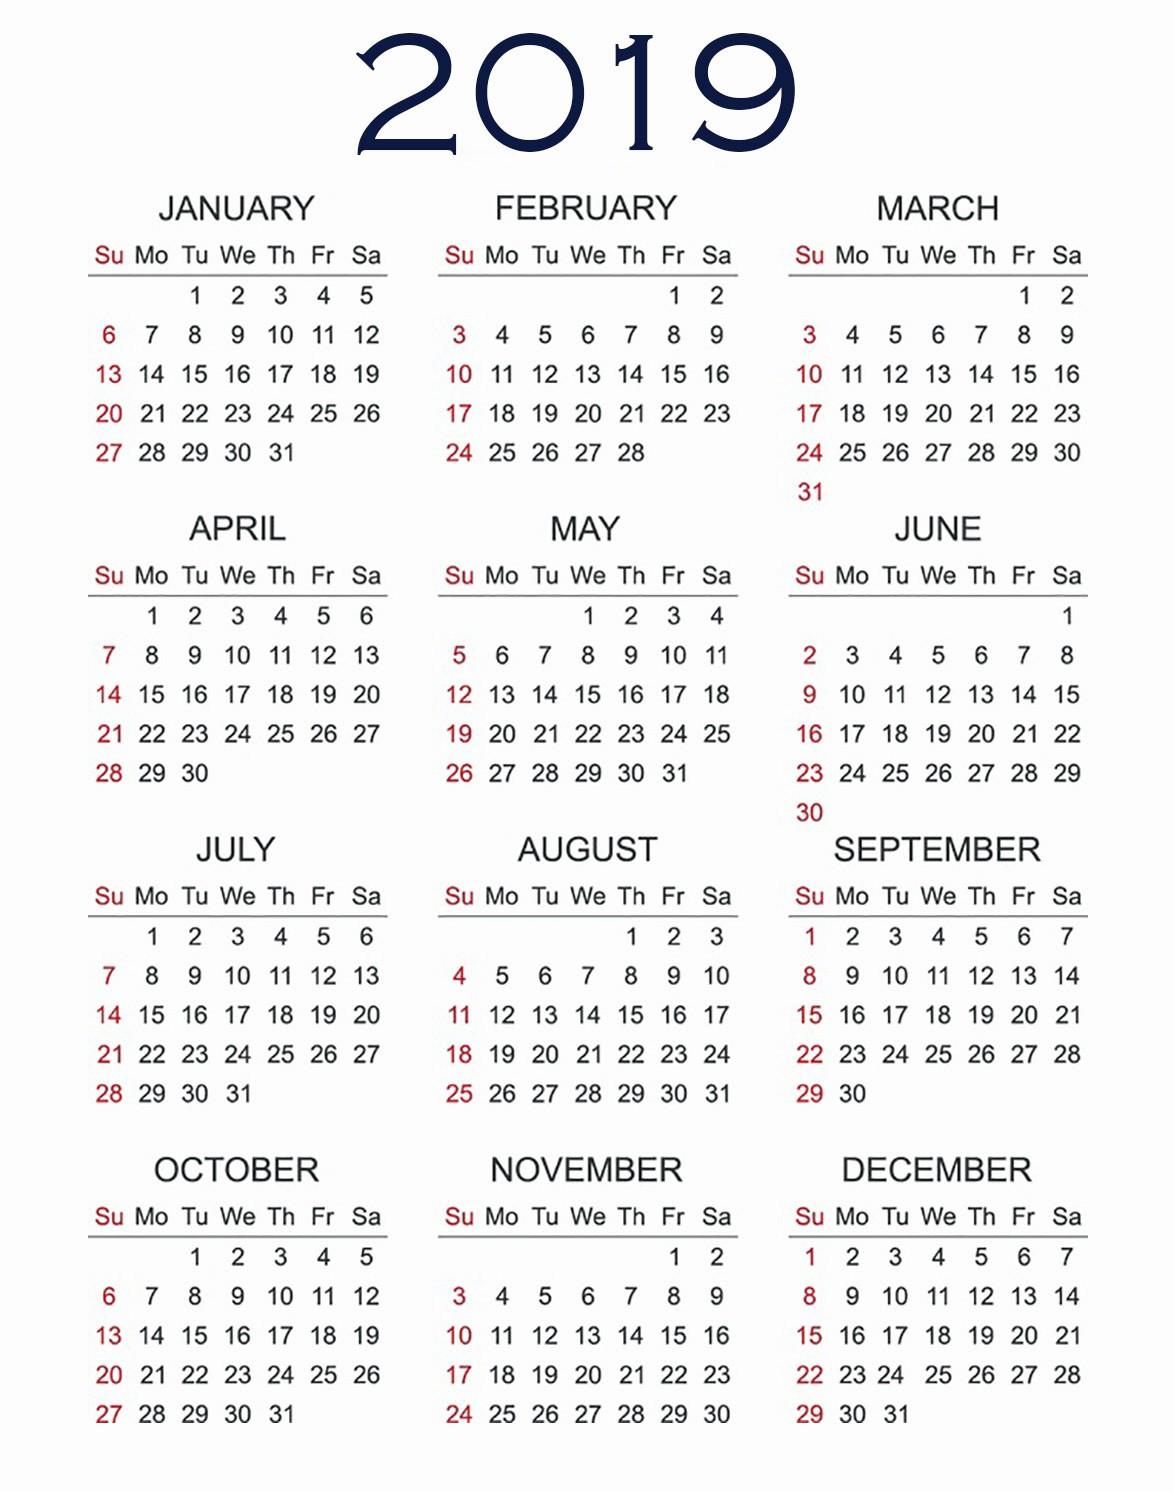 2019 Printable Calendar e Page 2019 Calendar Printable